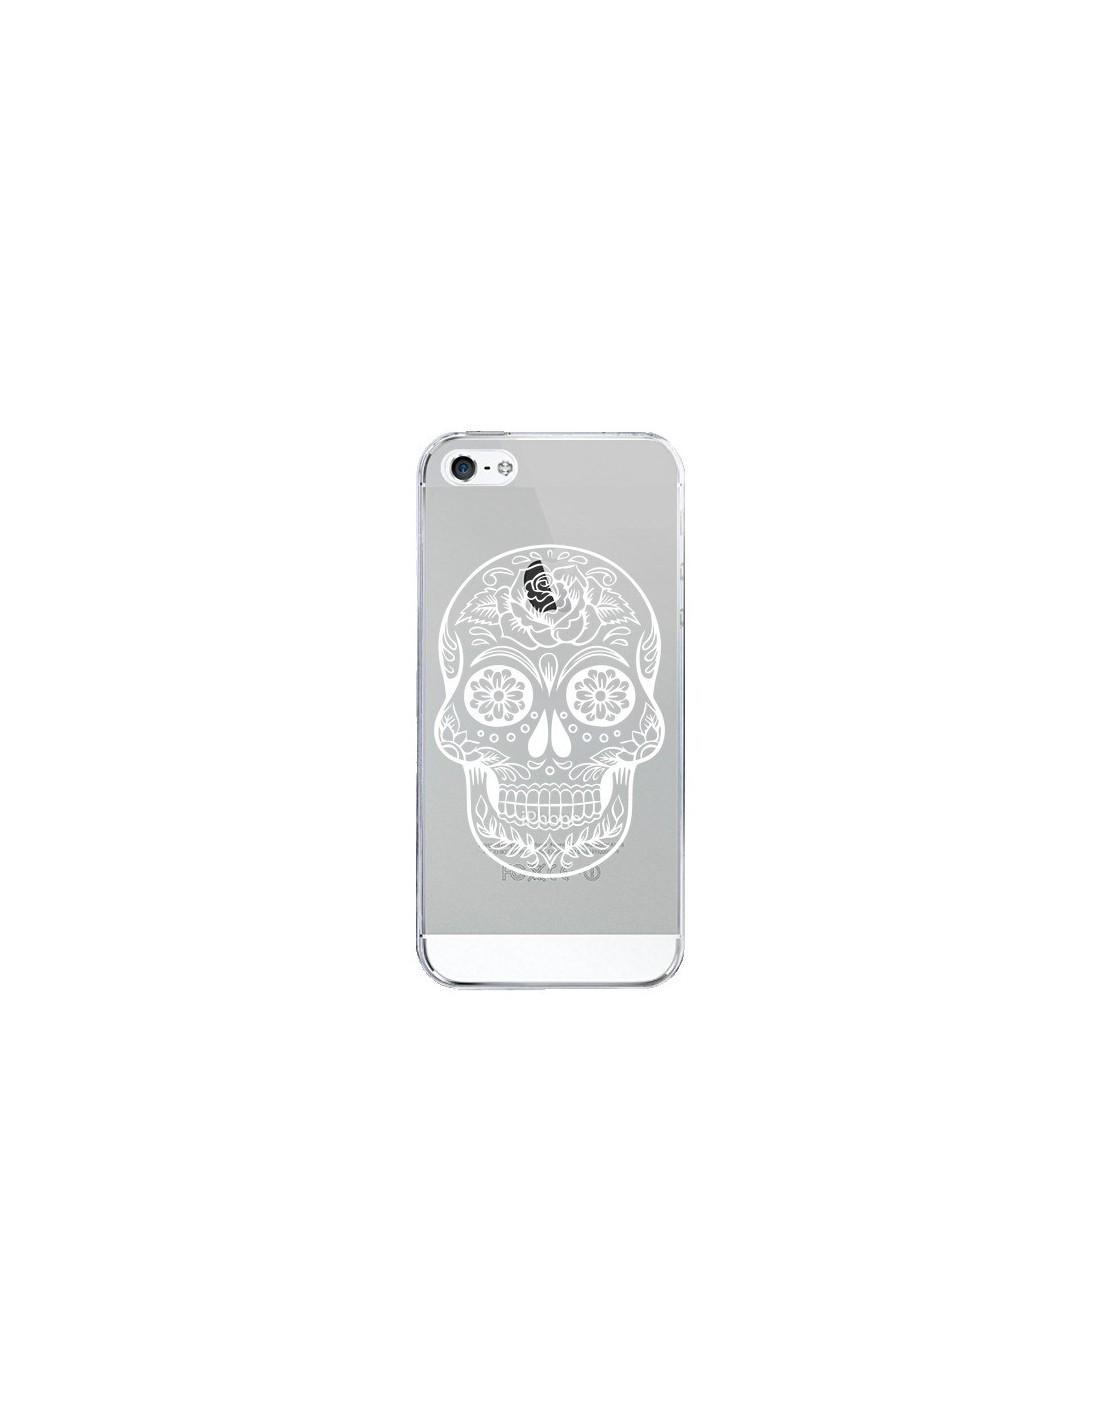 coque iphone 5 5s se tete de mort mexicaine blanche transparente 5s et se laetitia